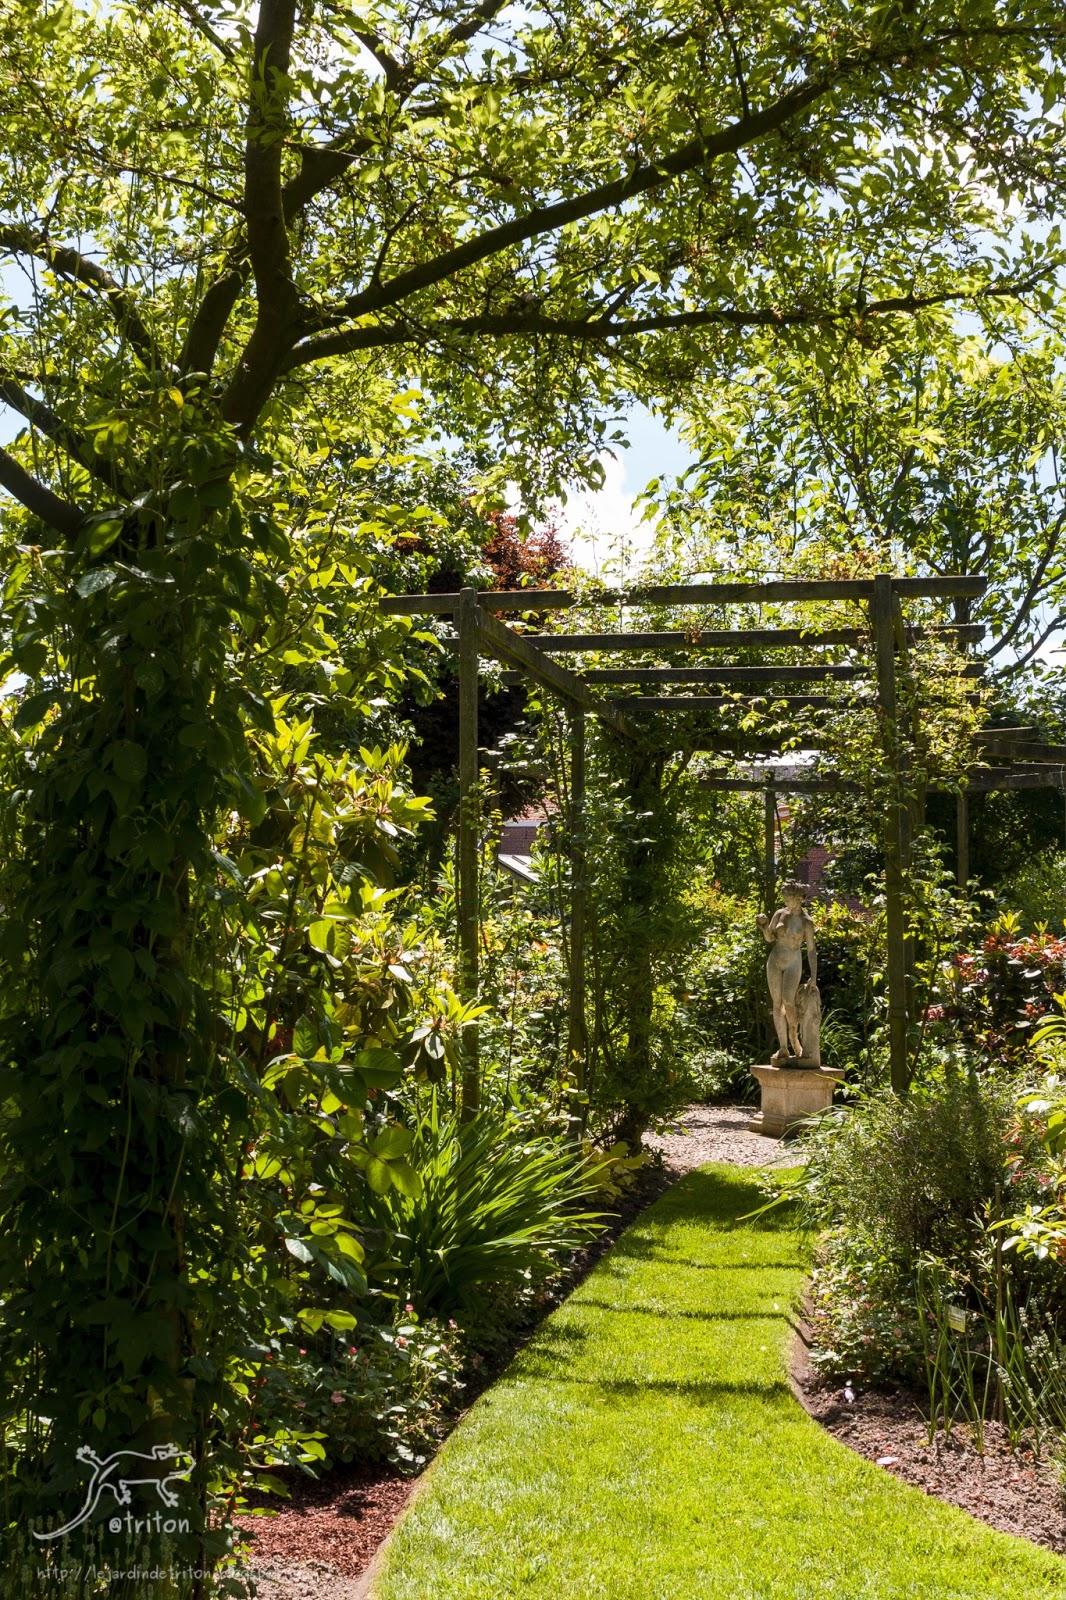 Le jardin de triton visite du jardin les aiguillons en for Jardin a visiter 78